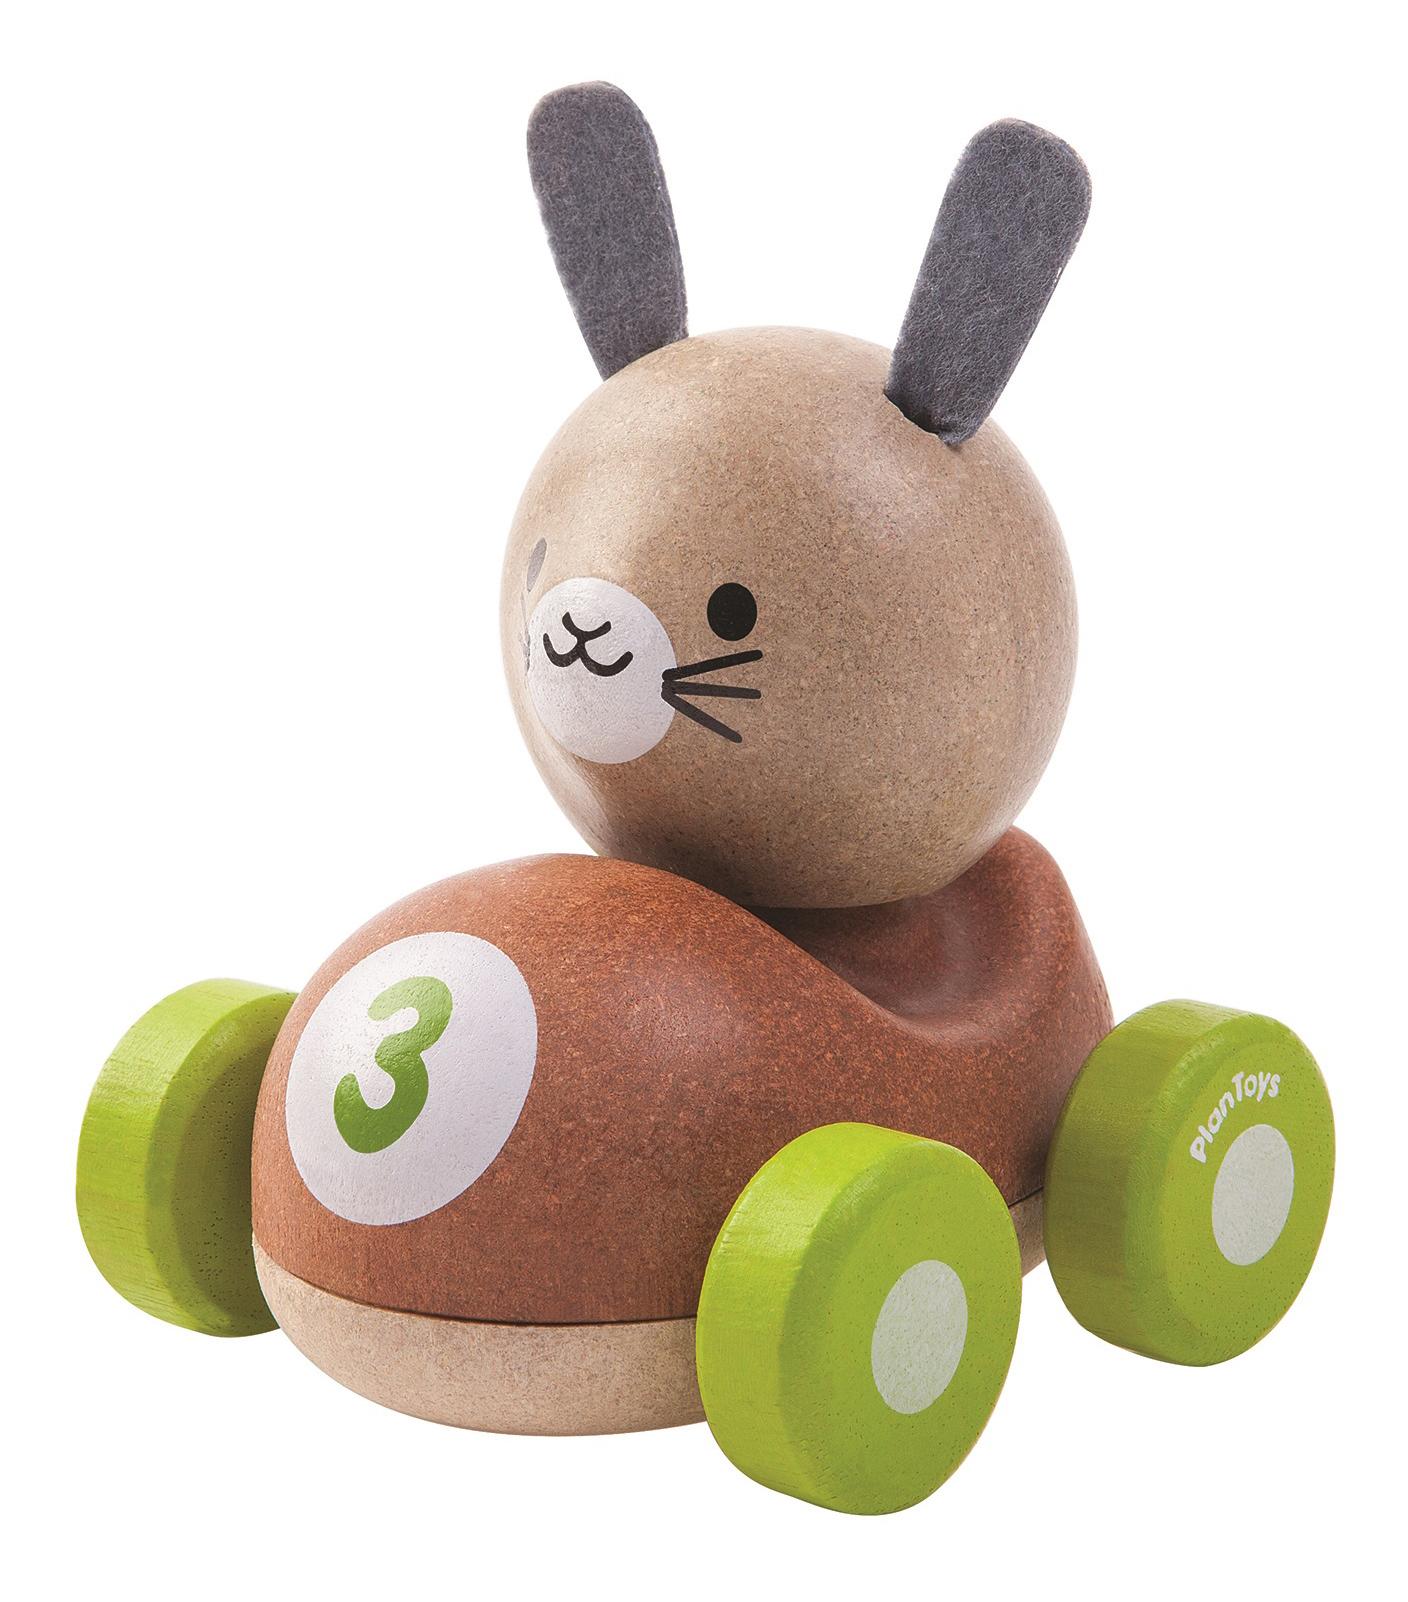 Купить Деревянная игрушка для малышей PlanToys Зайчик, Развивающие игрушки